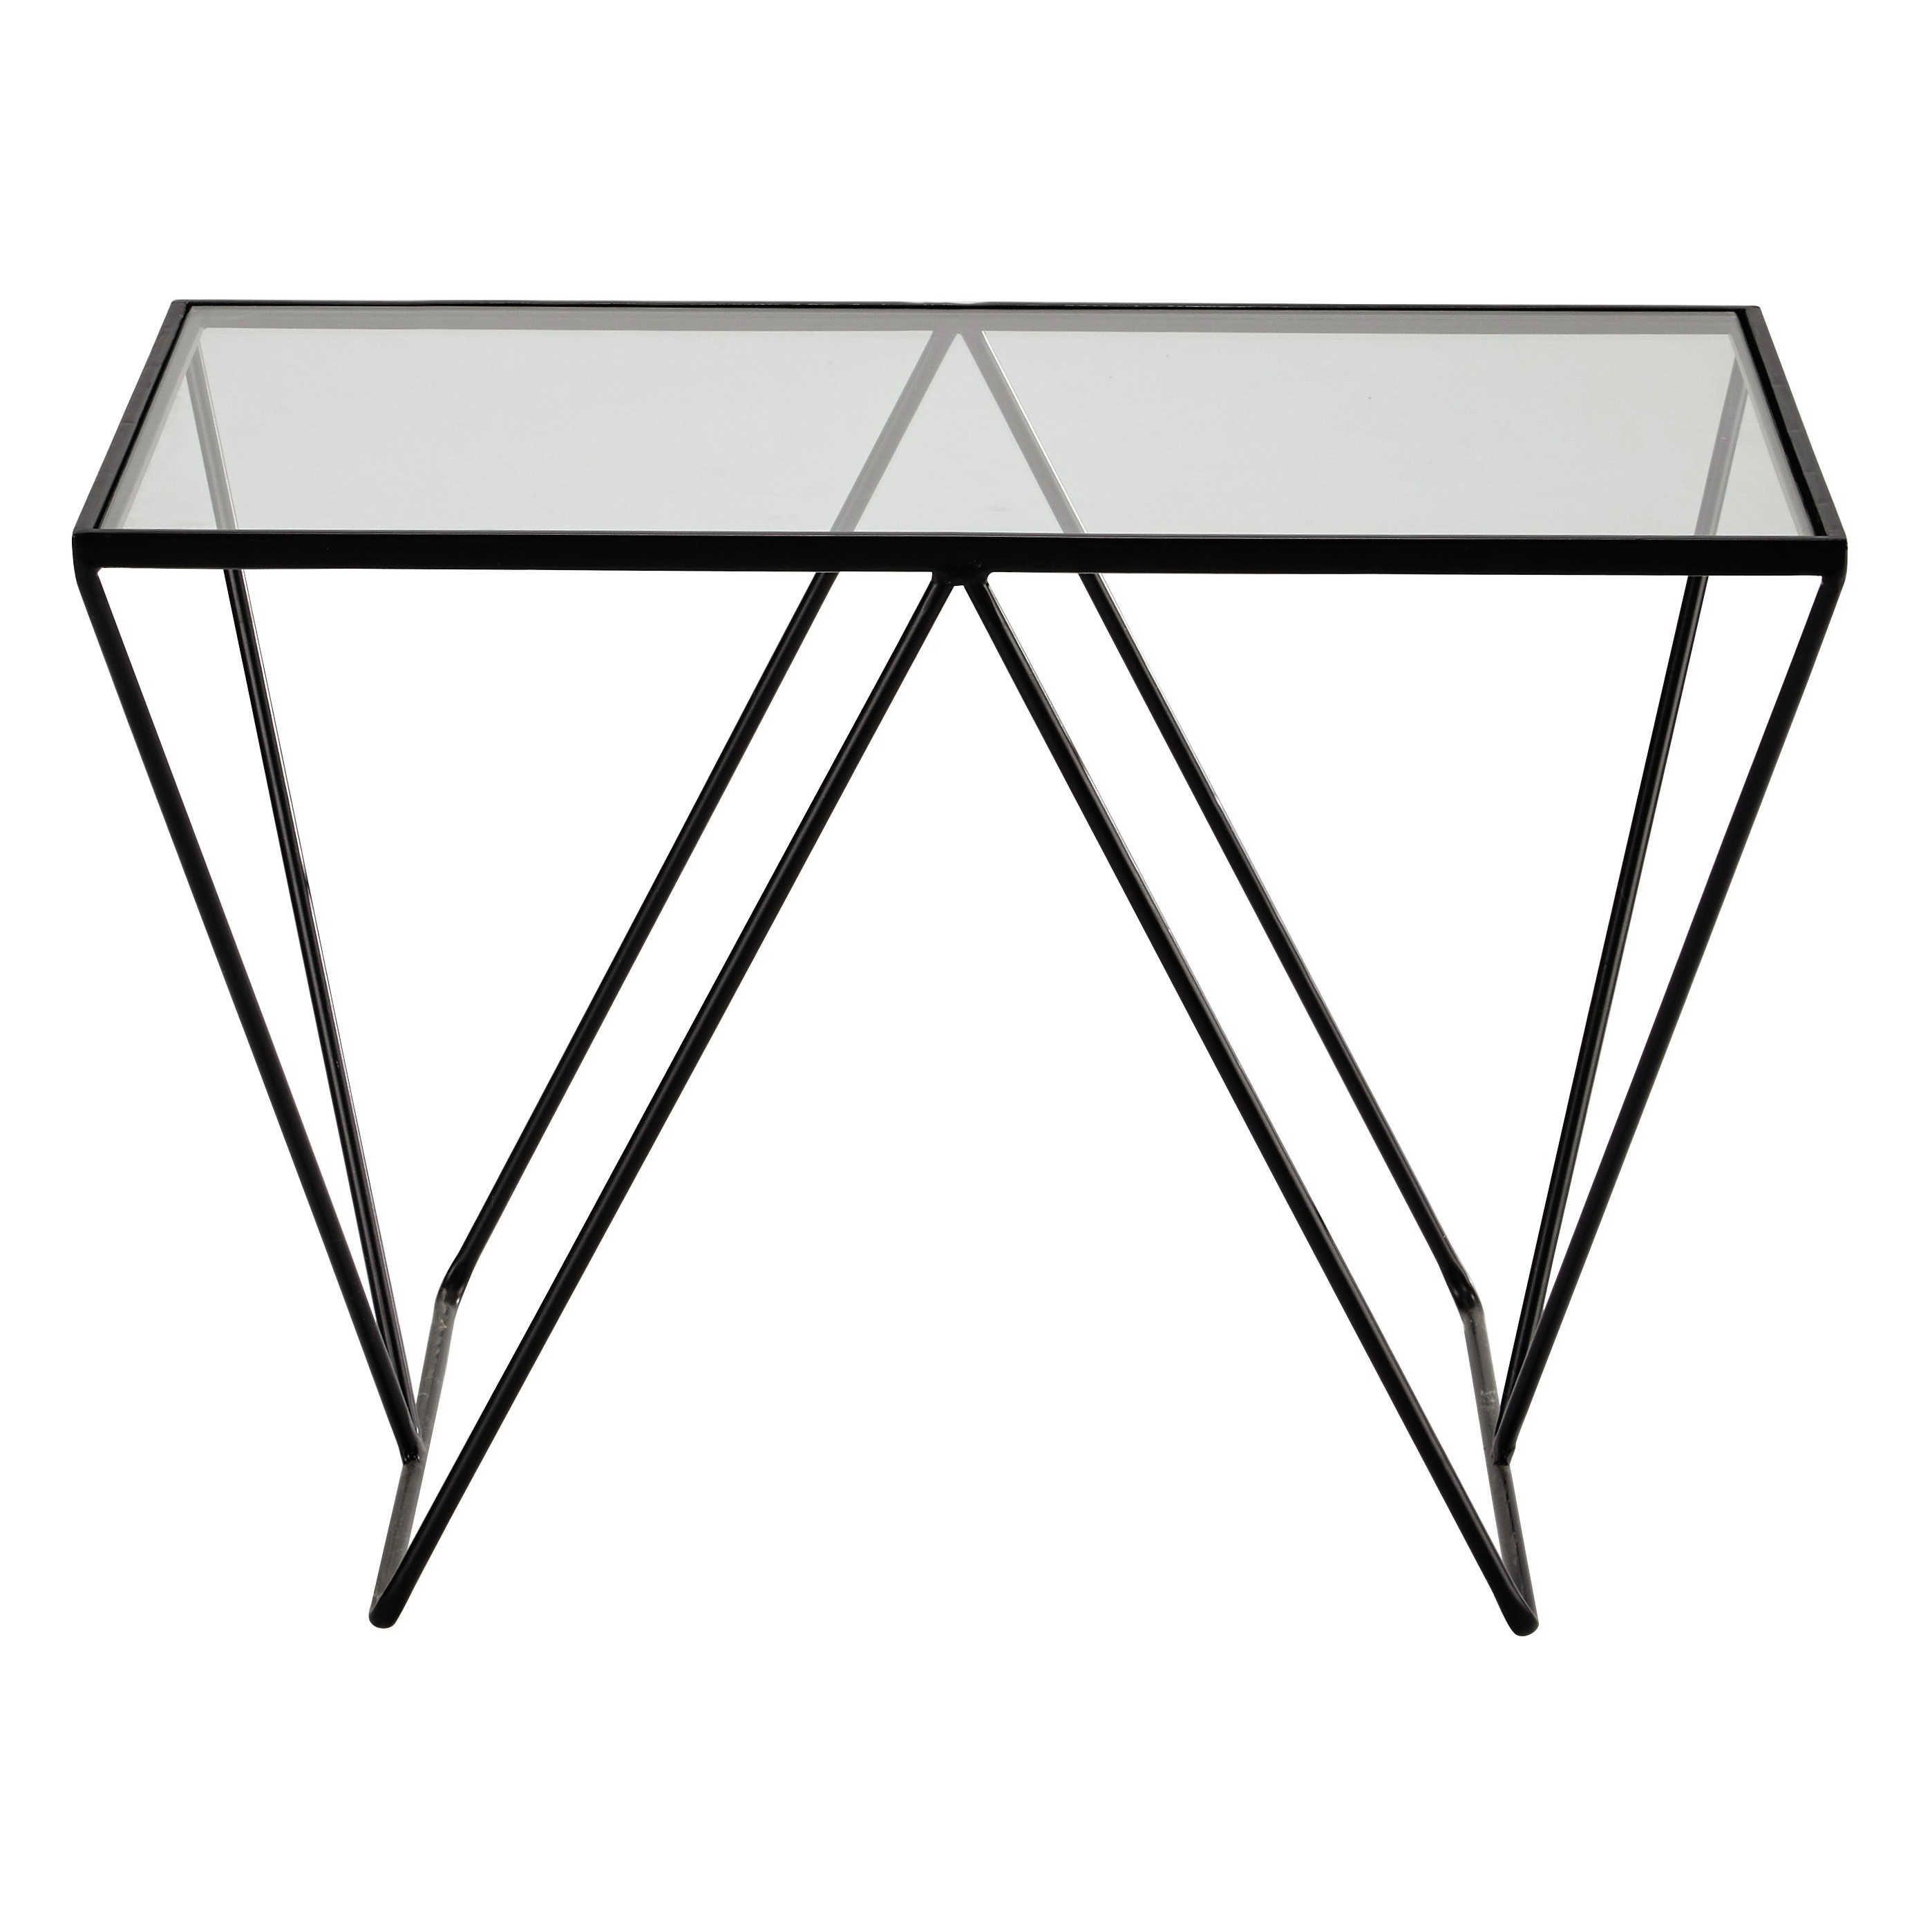 Geräumig Beistelltisch Metall Glas Referenz Von Archy Aus Und Glas, B 60 Cm